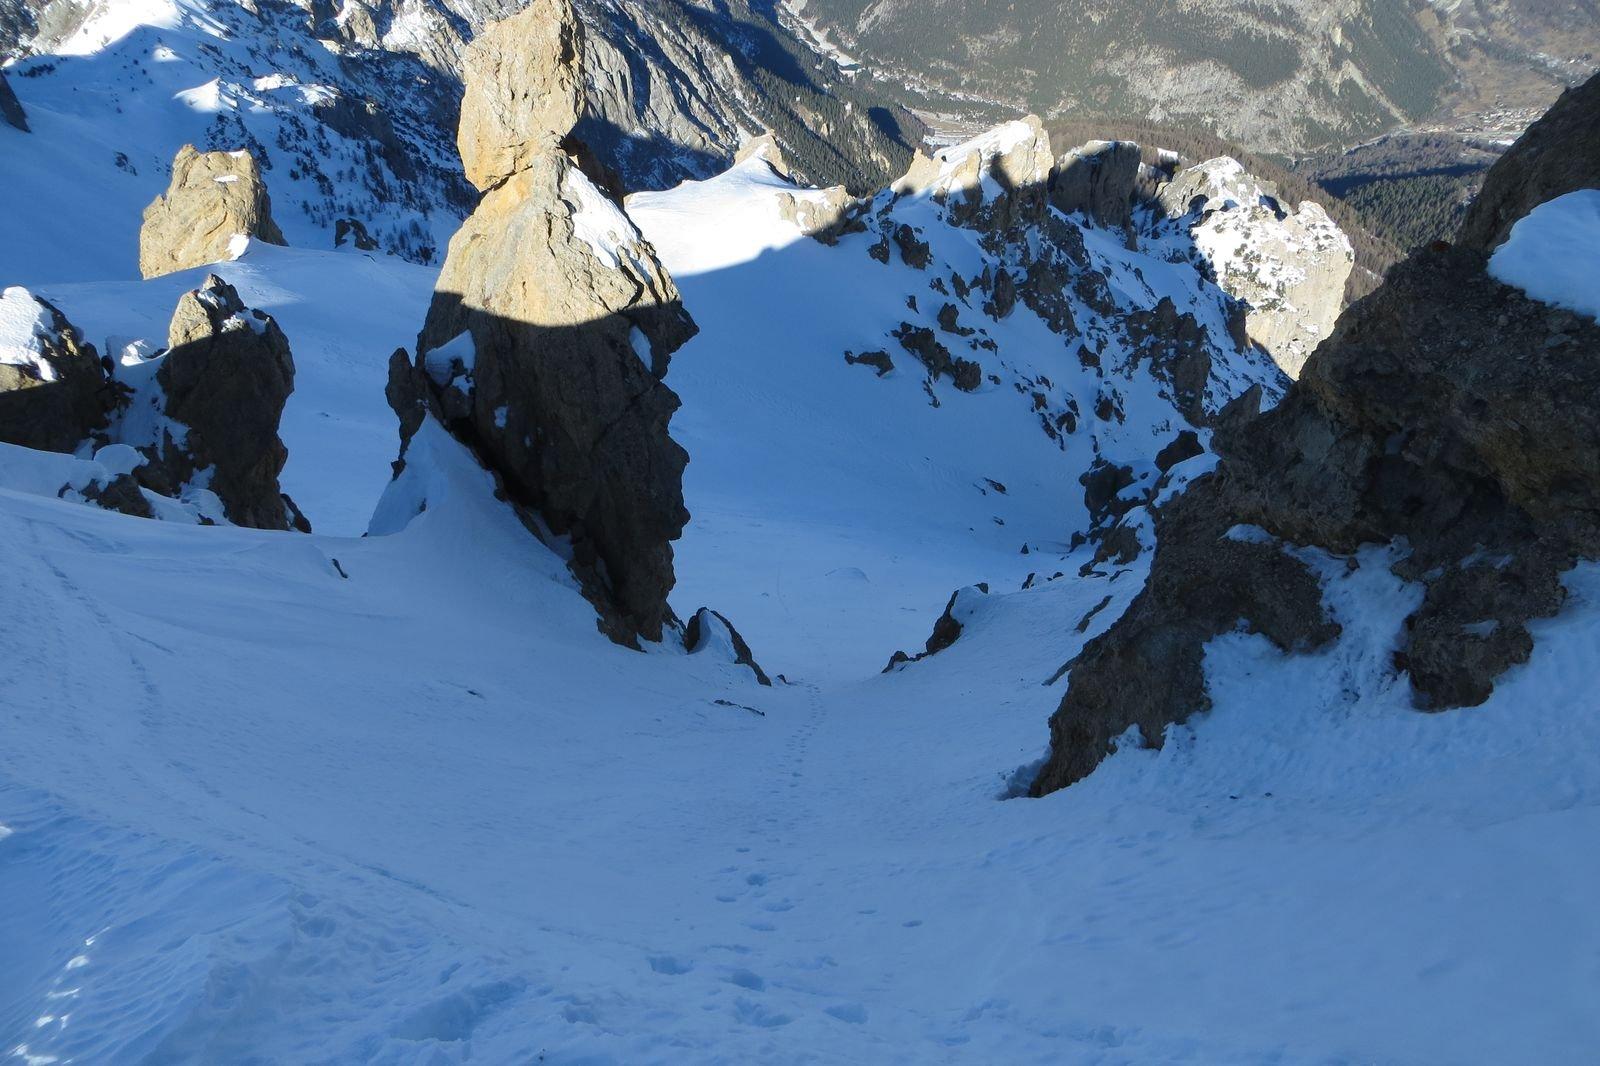 la parte alta dall'uscita in cresta a pochi metri dalla vetta